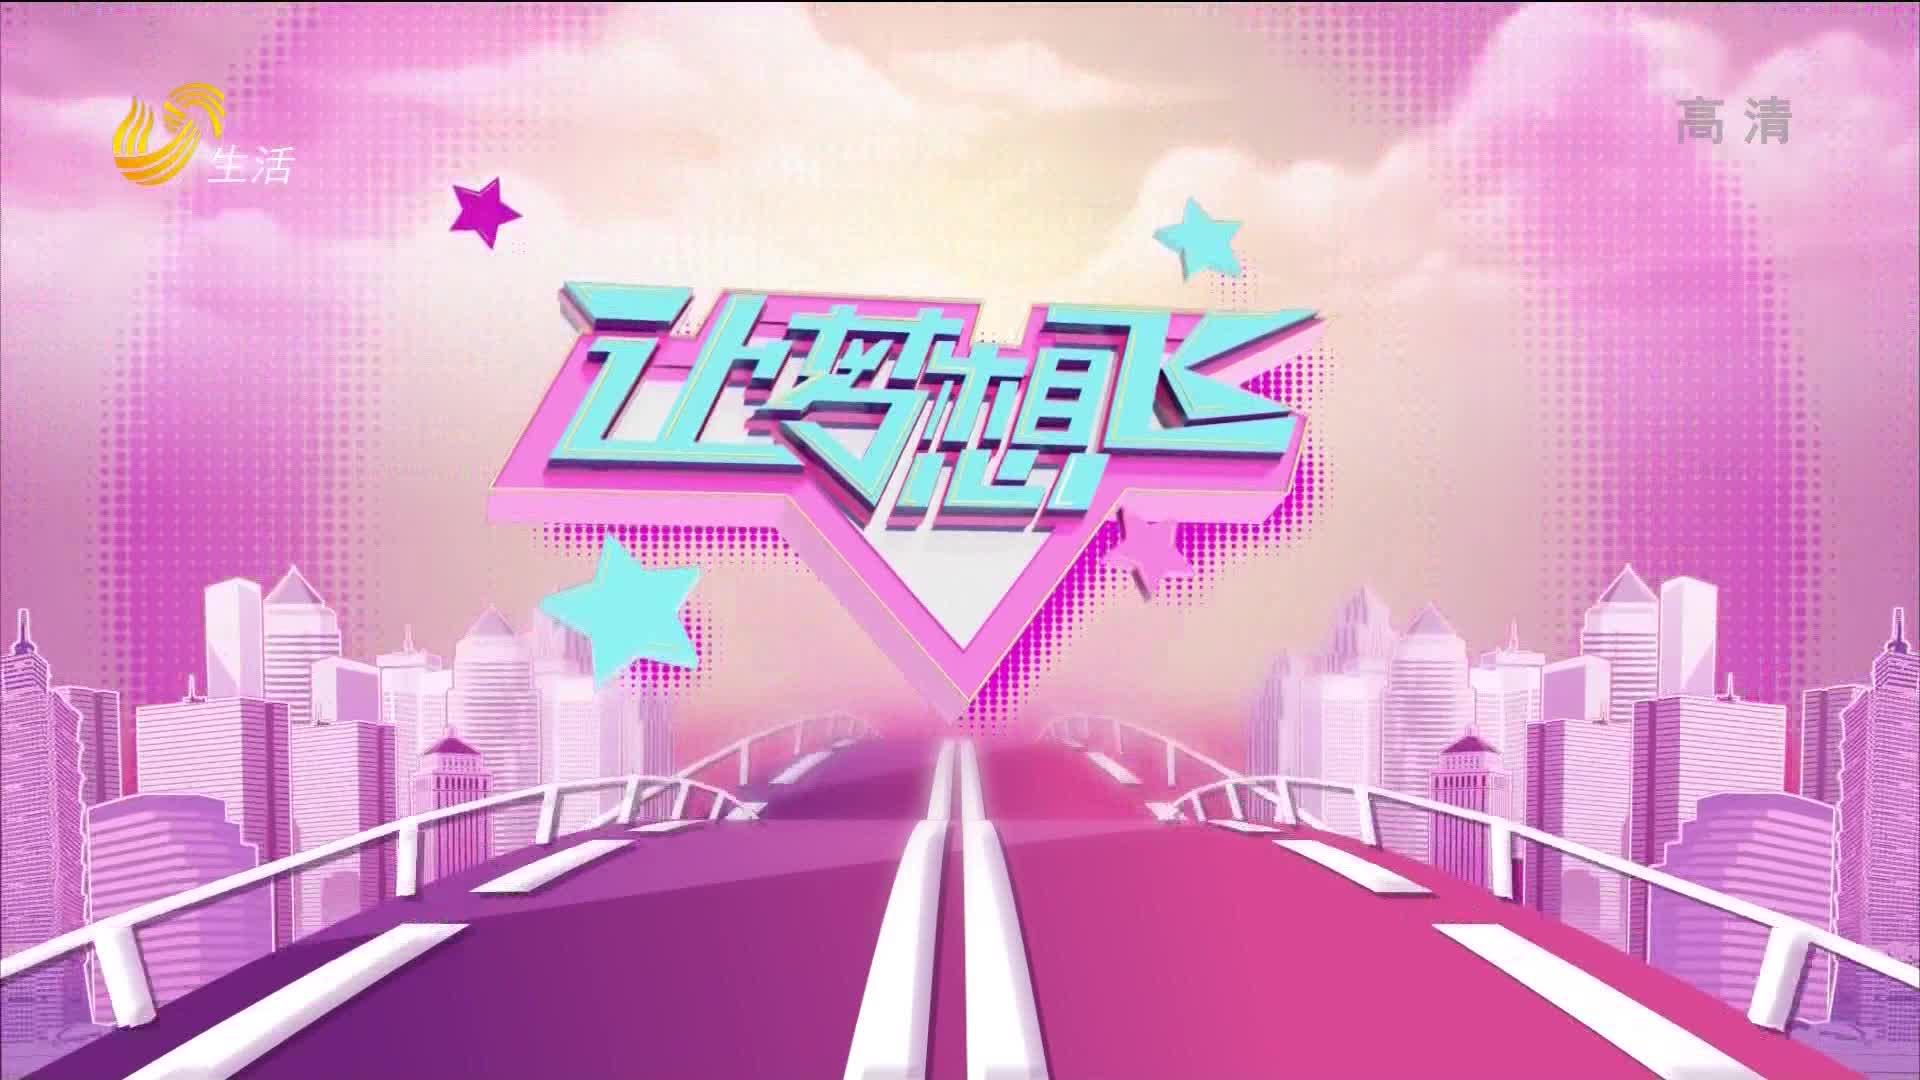 20210226《让梦想飞》:舞王同台秀舞技